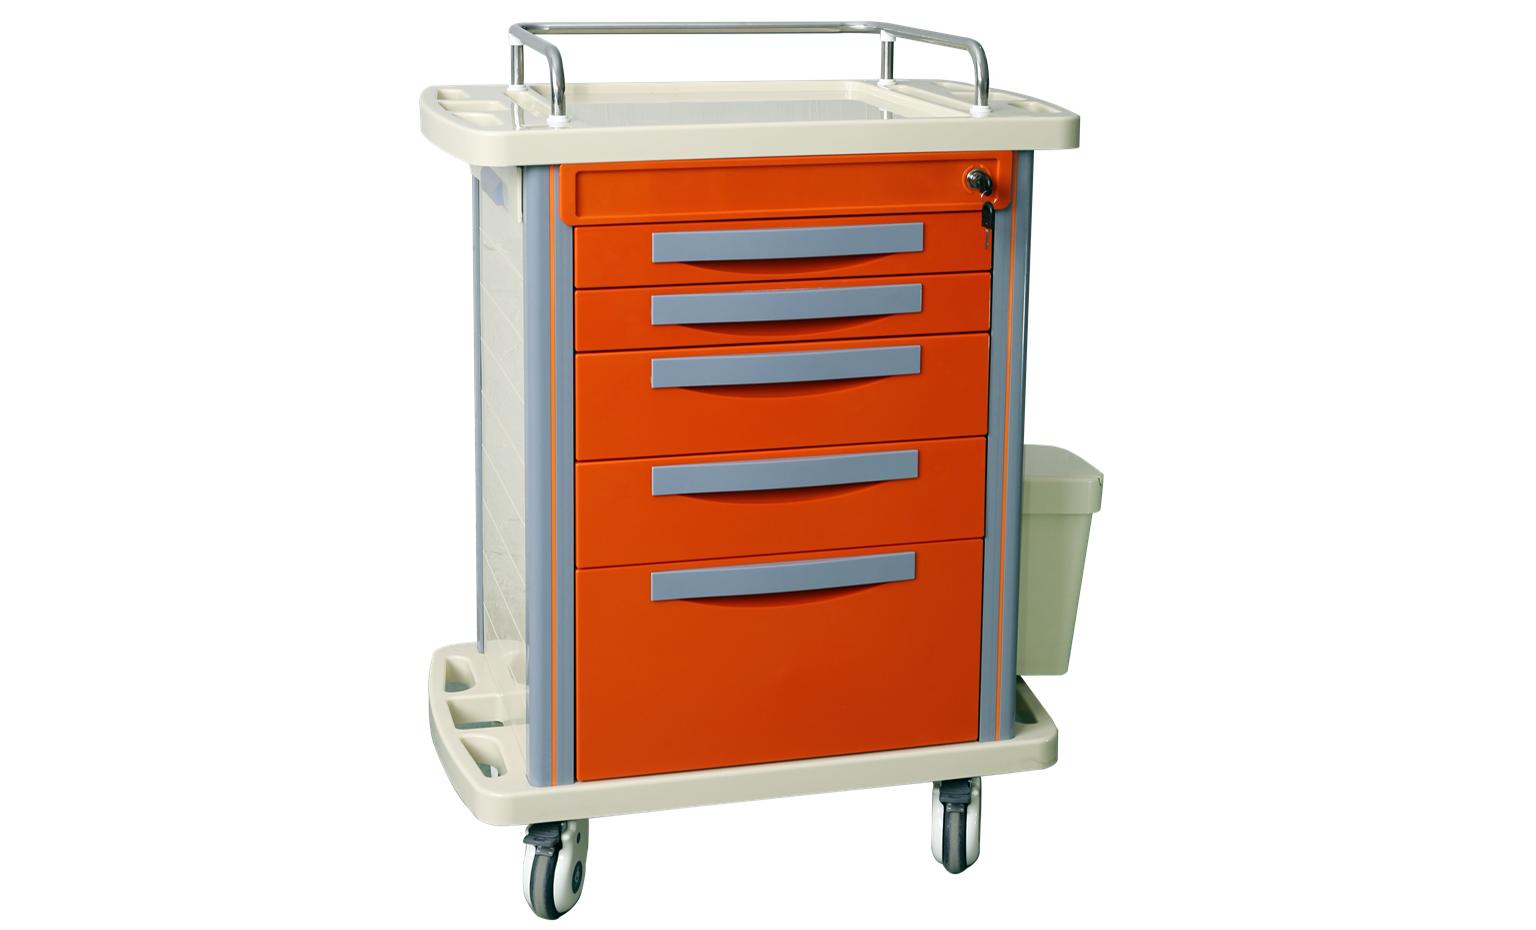 DW-MT 007 Medicine trolley